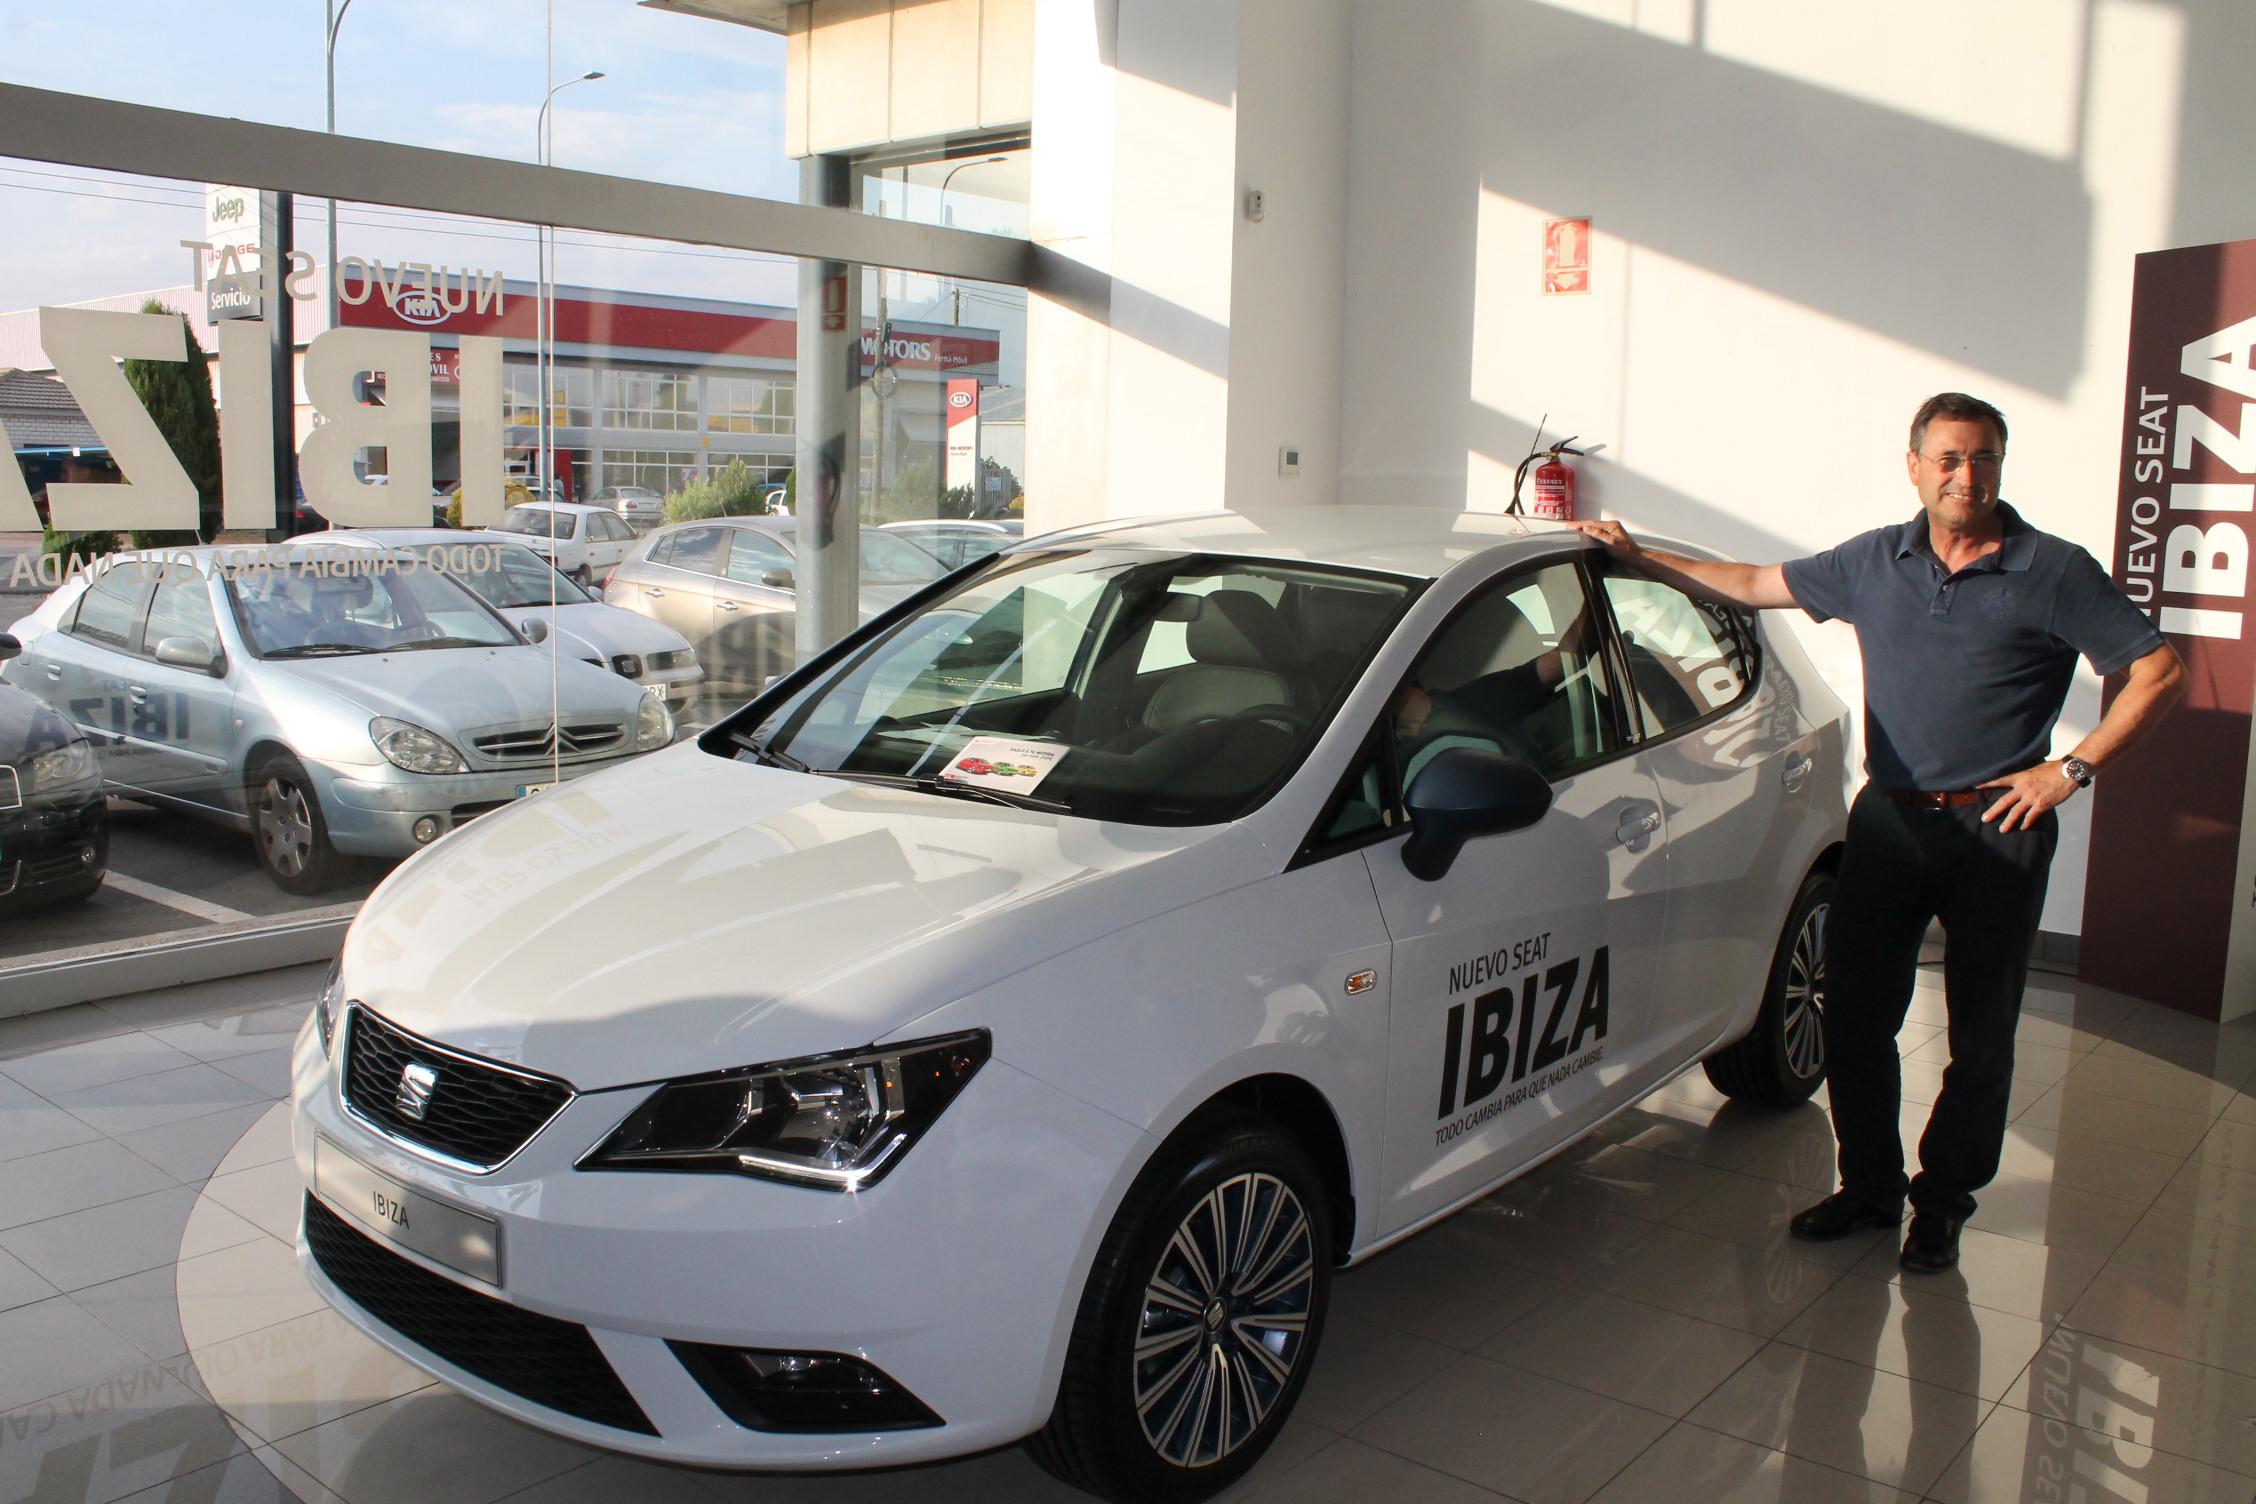 El concesionario Comatur se viste de gala para presentar el nuevo Seat Ibiza 2015